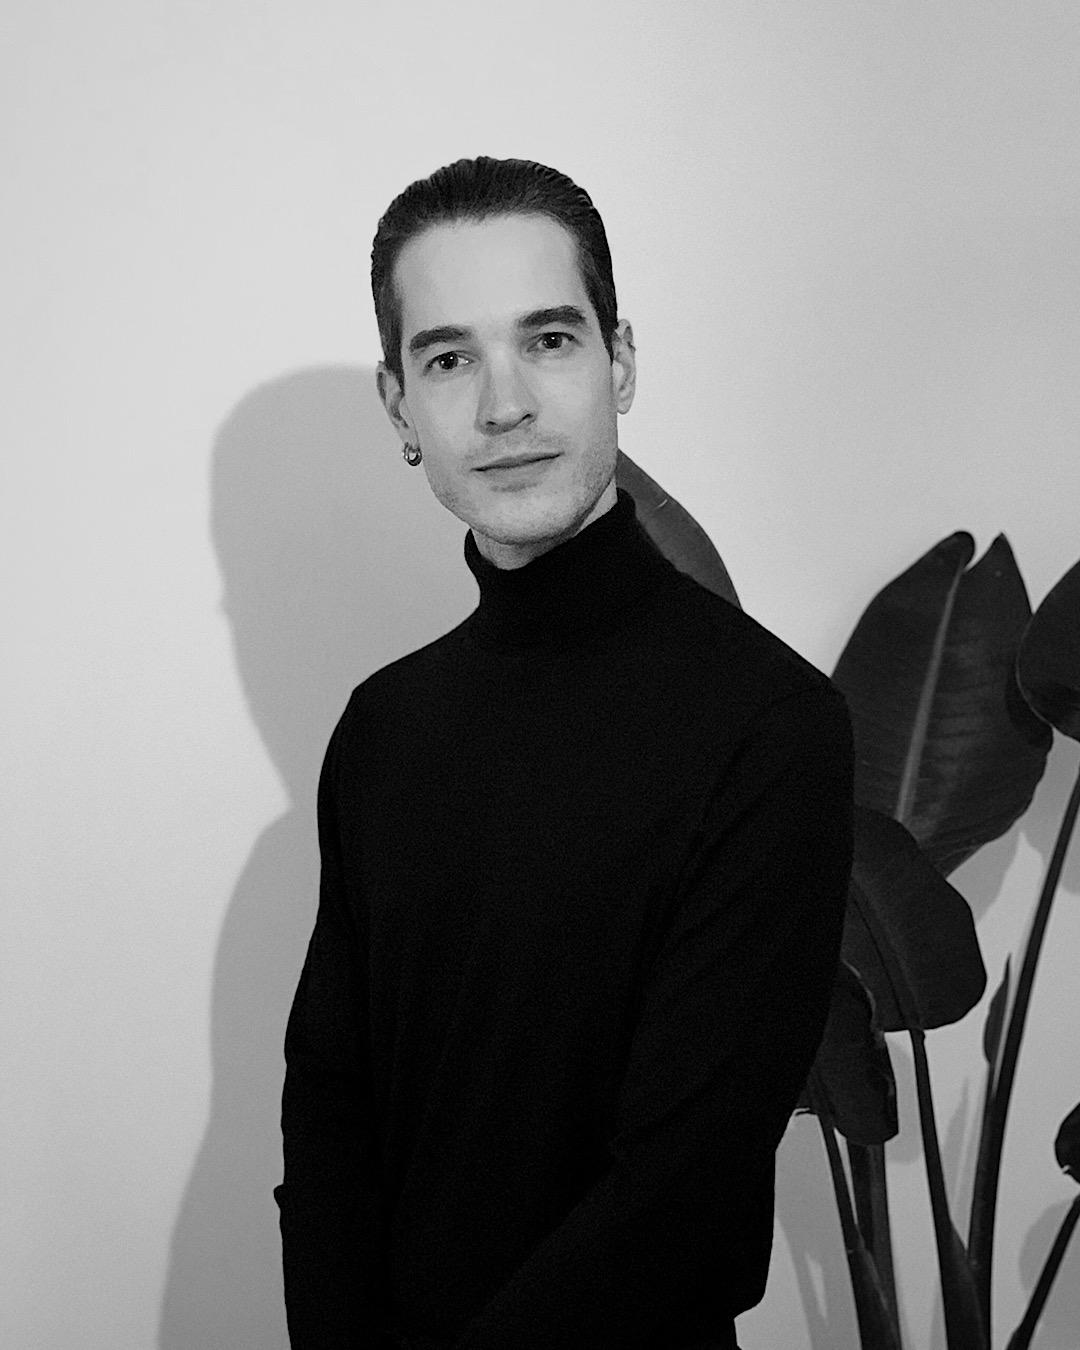 Manuel Hebel